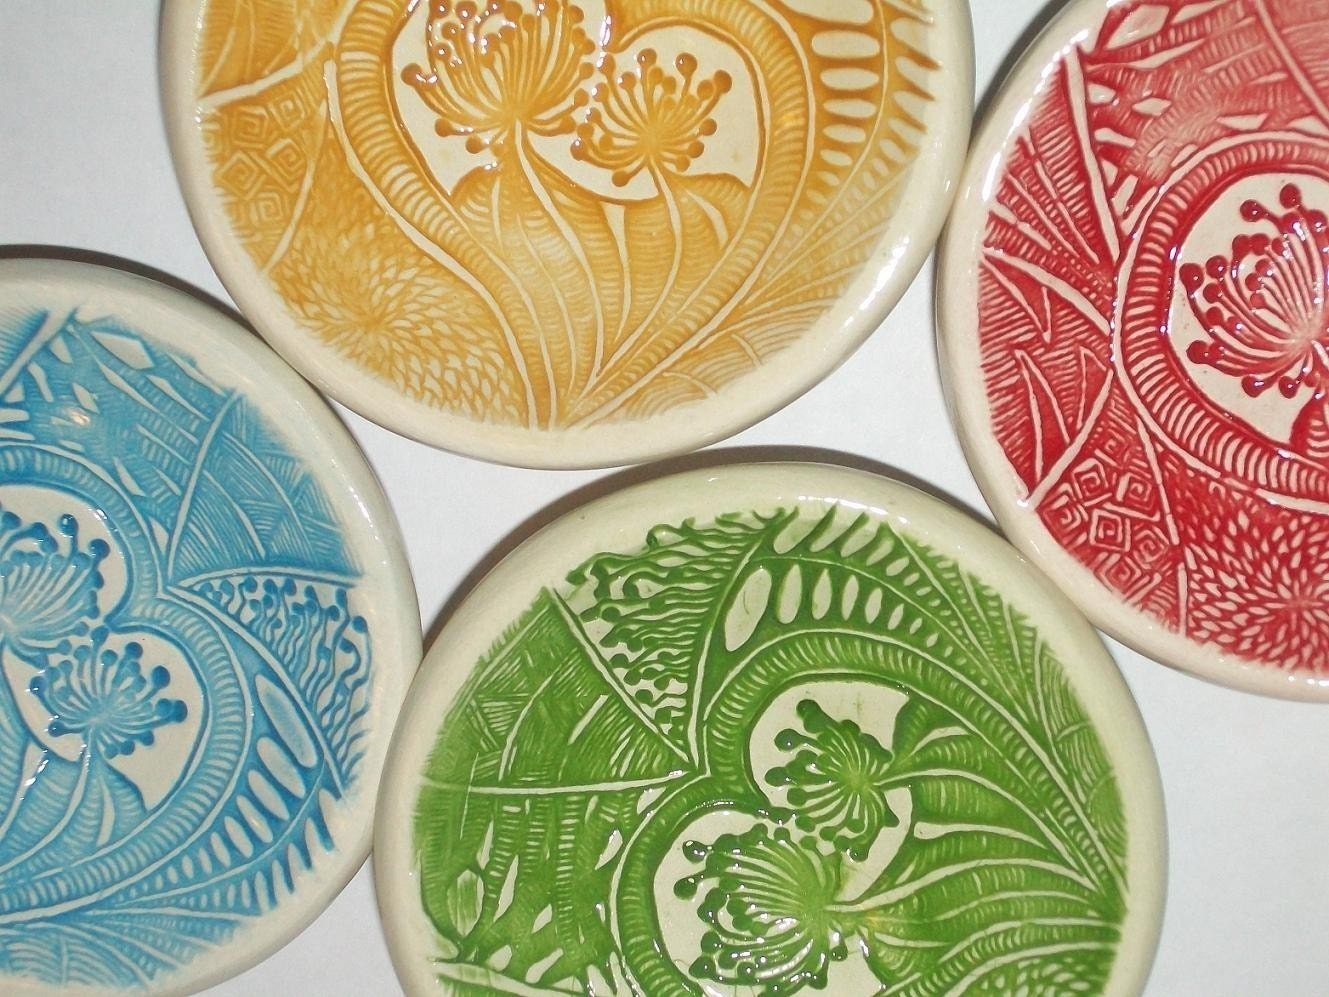 Hand built tiny ceramic bowls set of 4